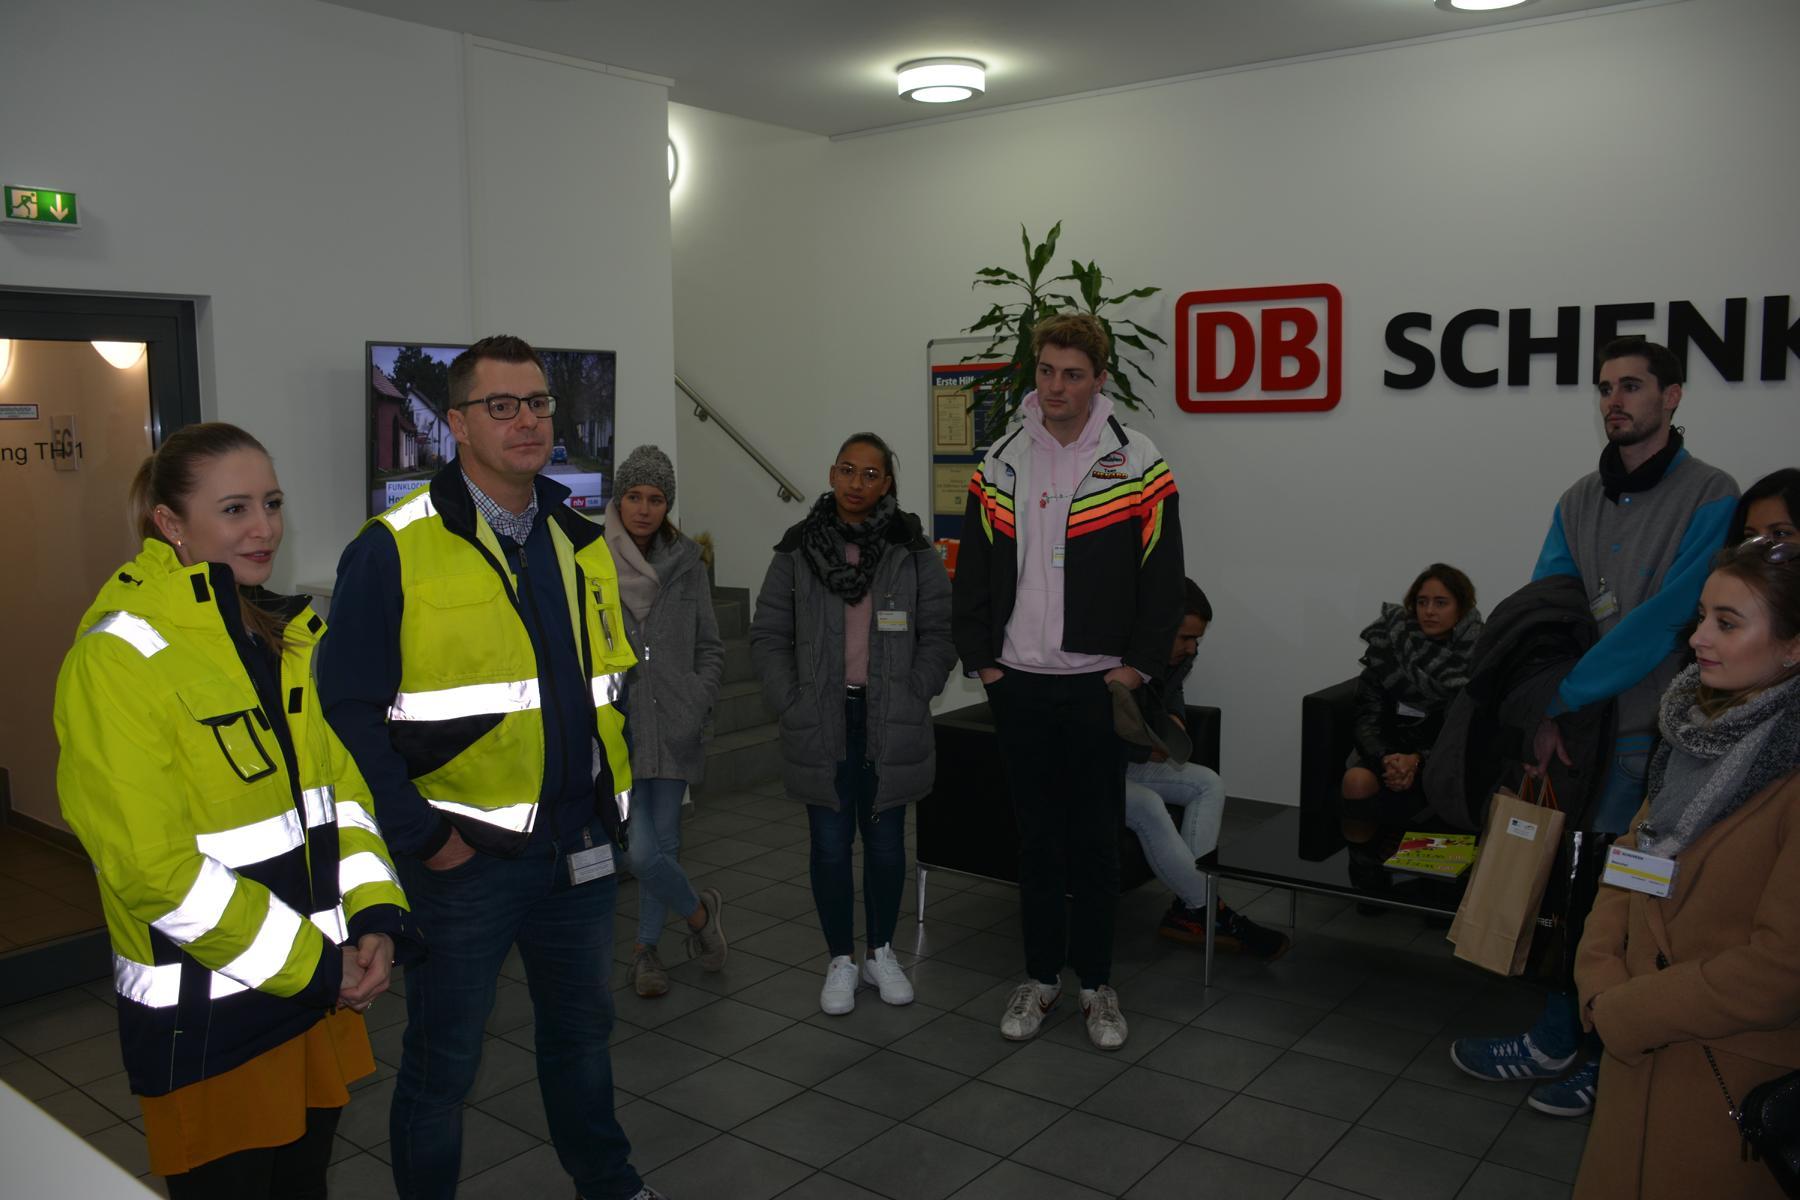 Luftfrachtlogistik DB Schenker